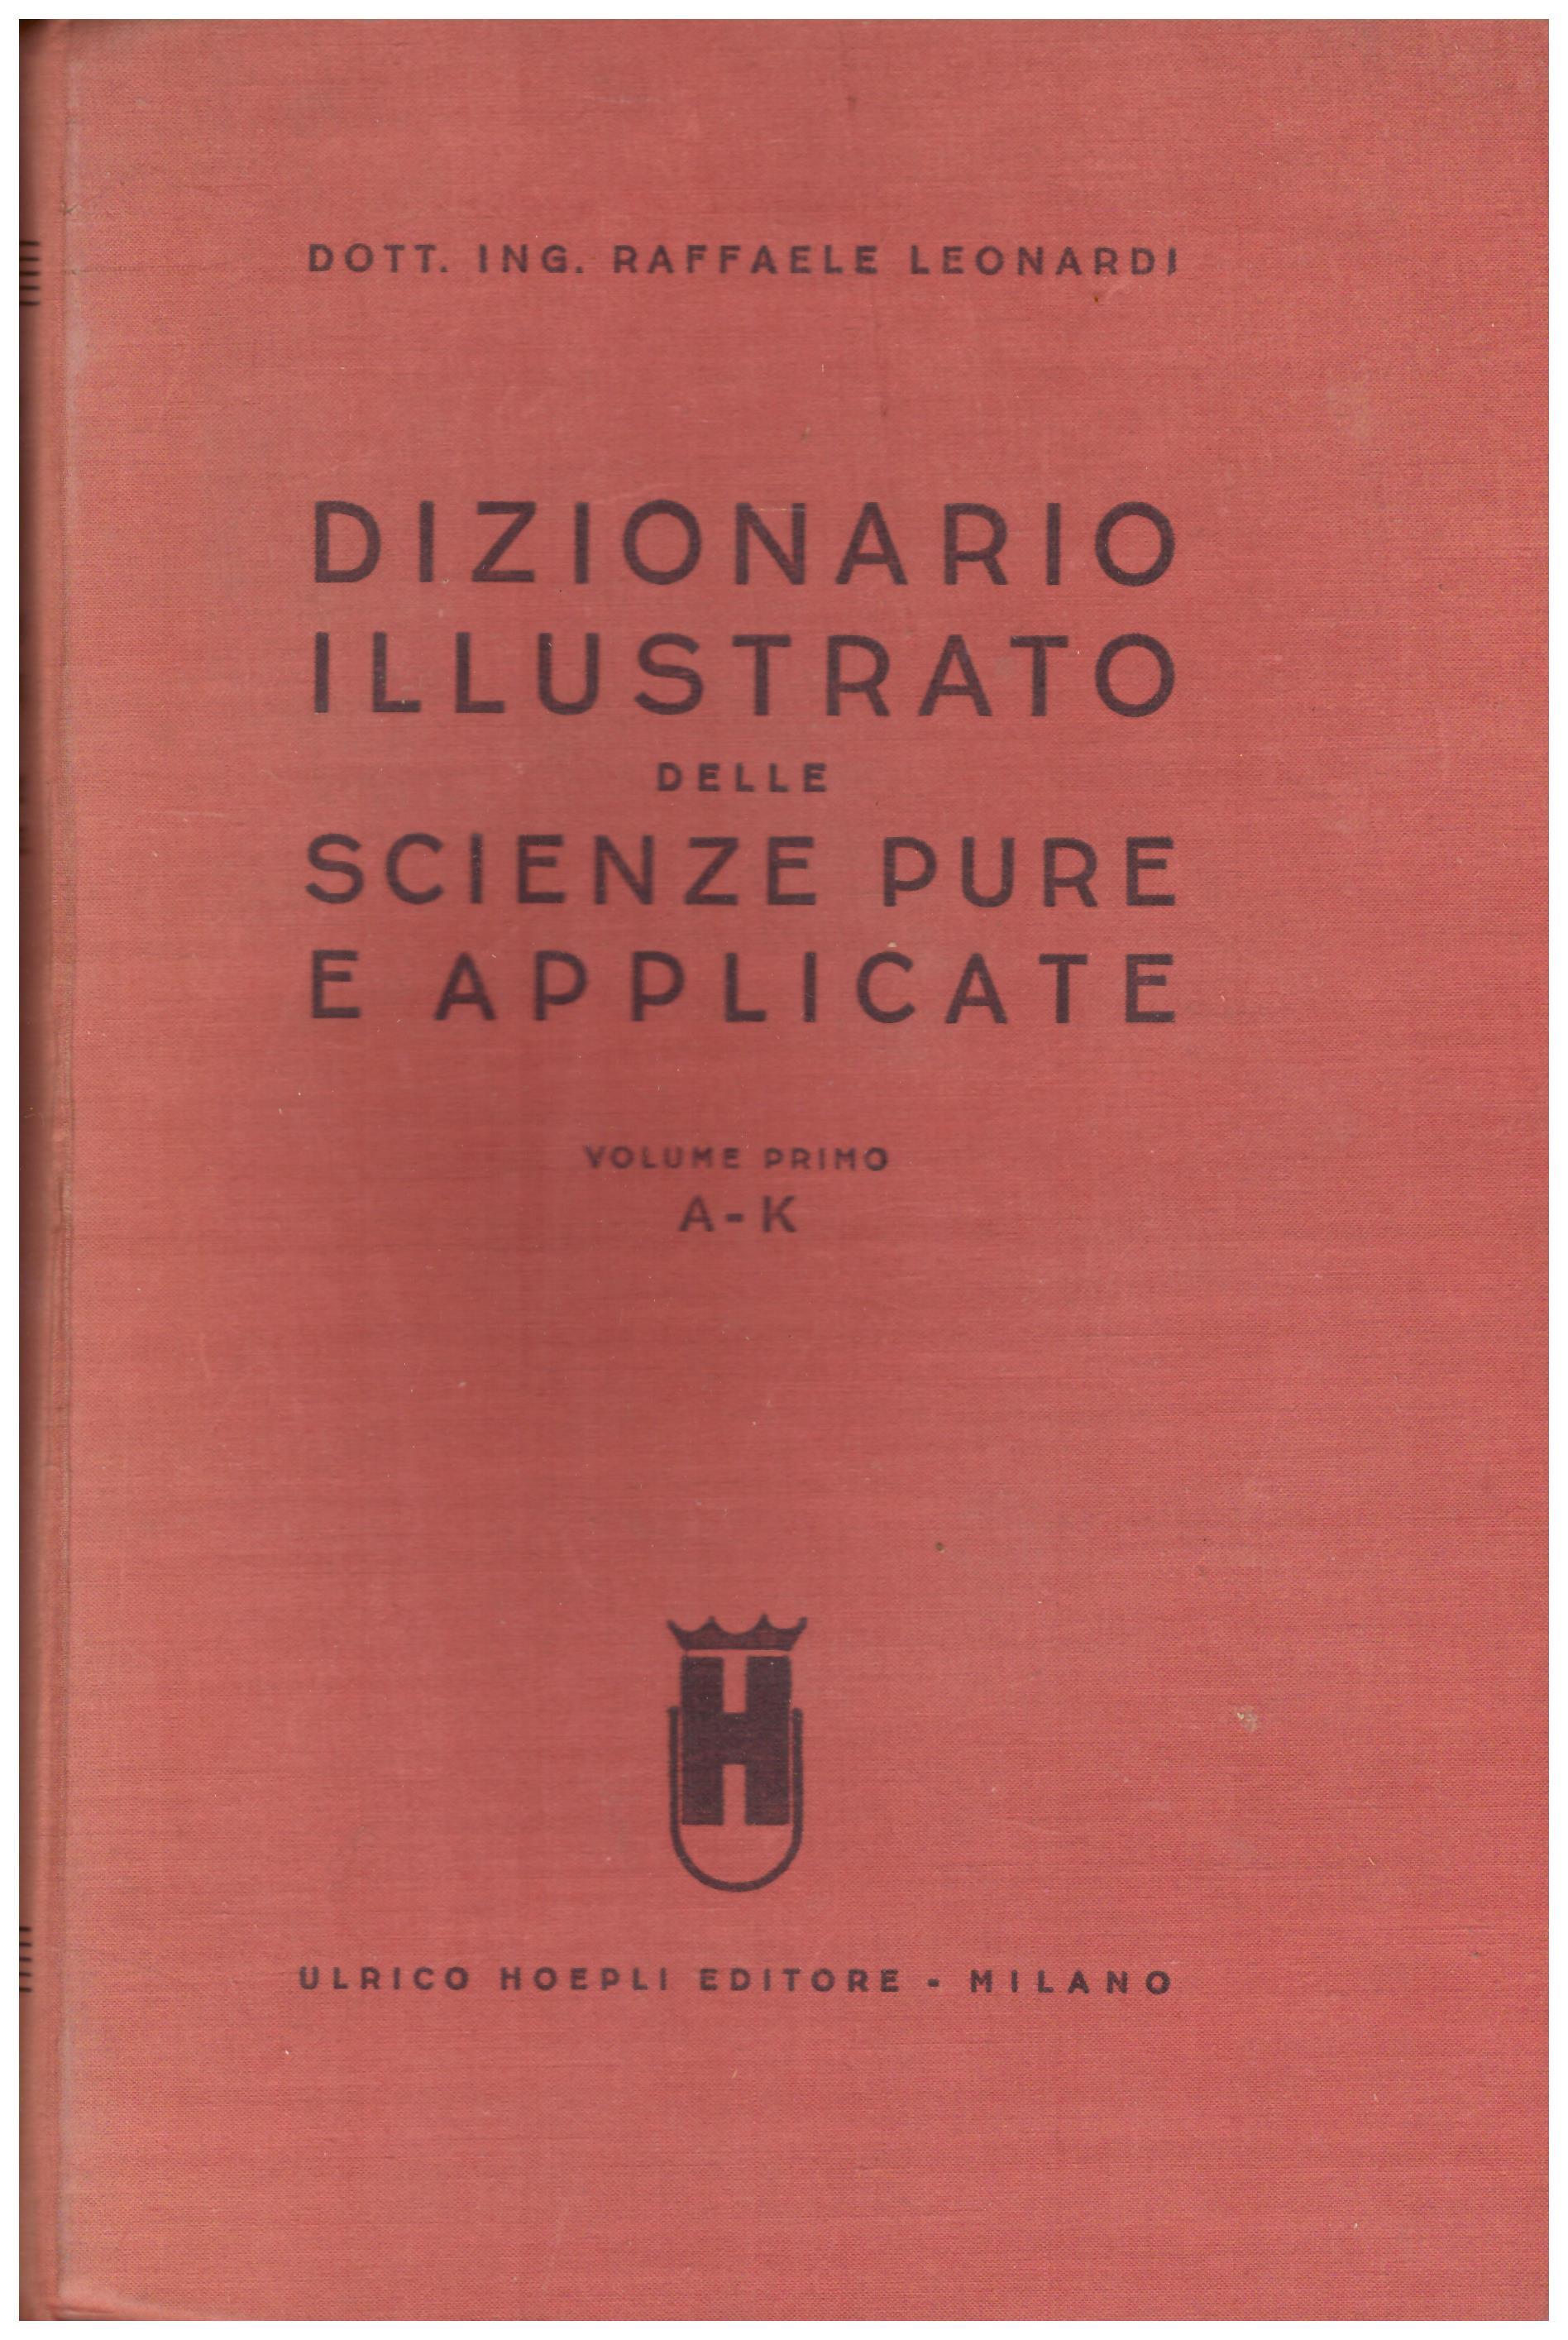 Titolo: Dizionario illustrato delle scienze pure e applicate in 2 volumi Autore: Raffaele Leonardi  Editore: Hoepli, Milano 1935